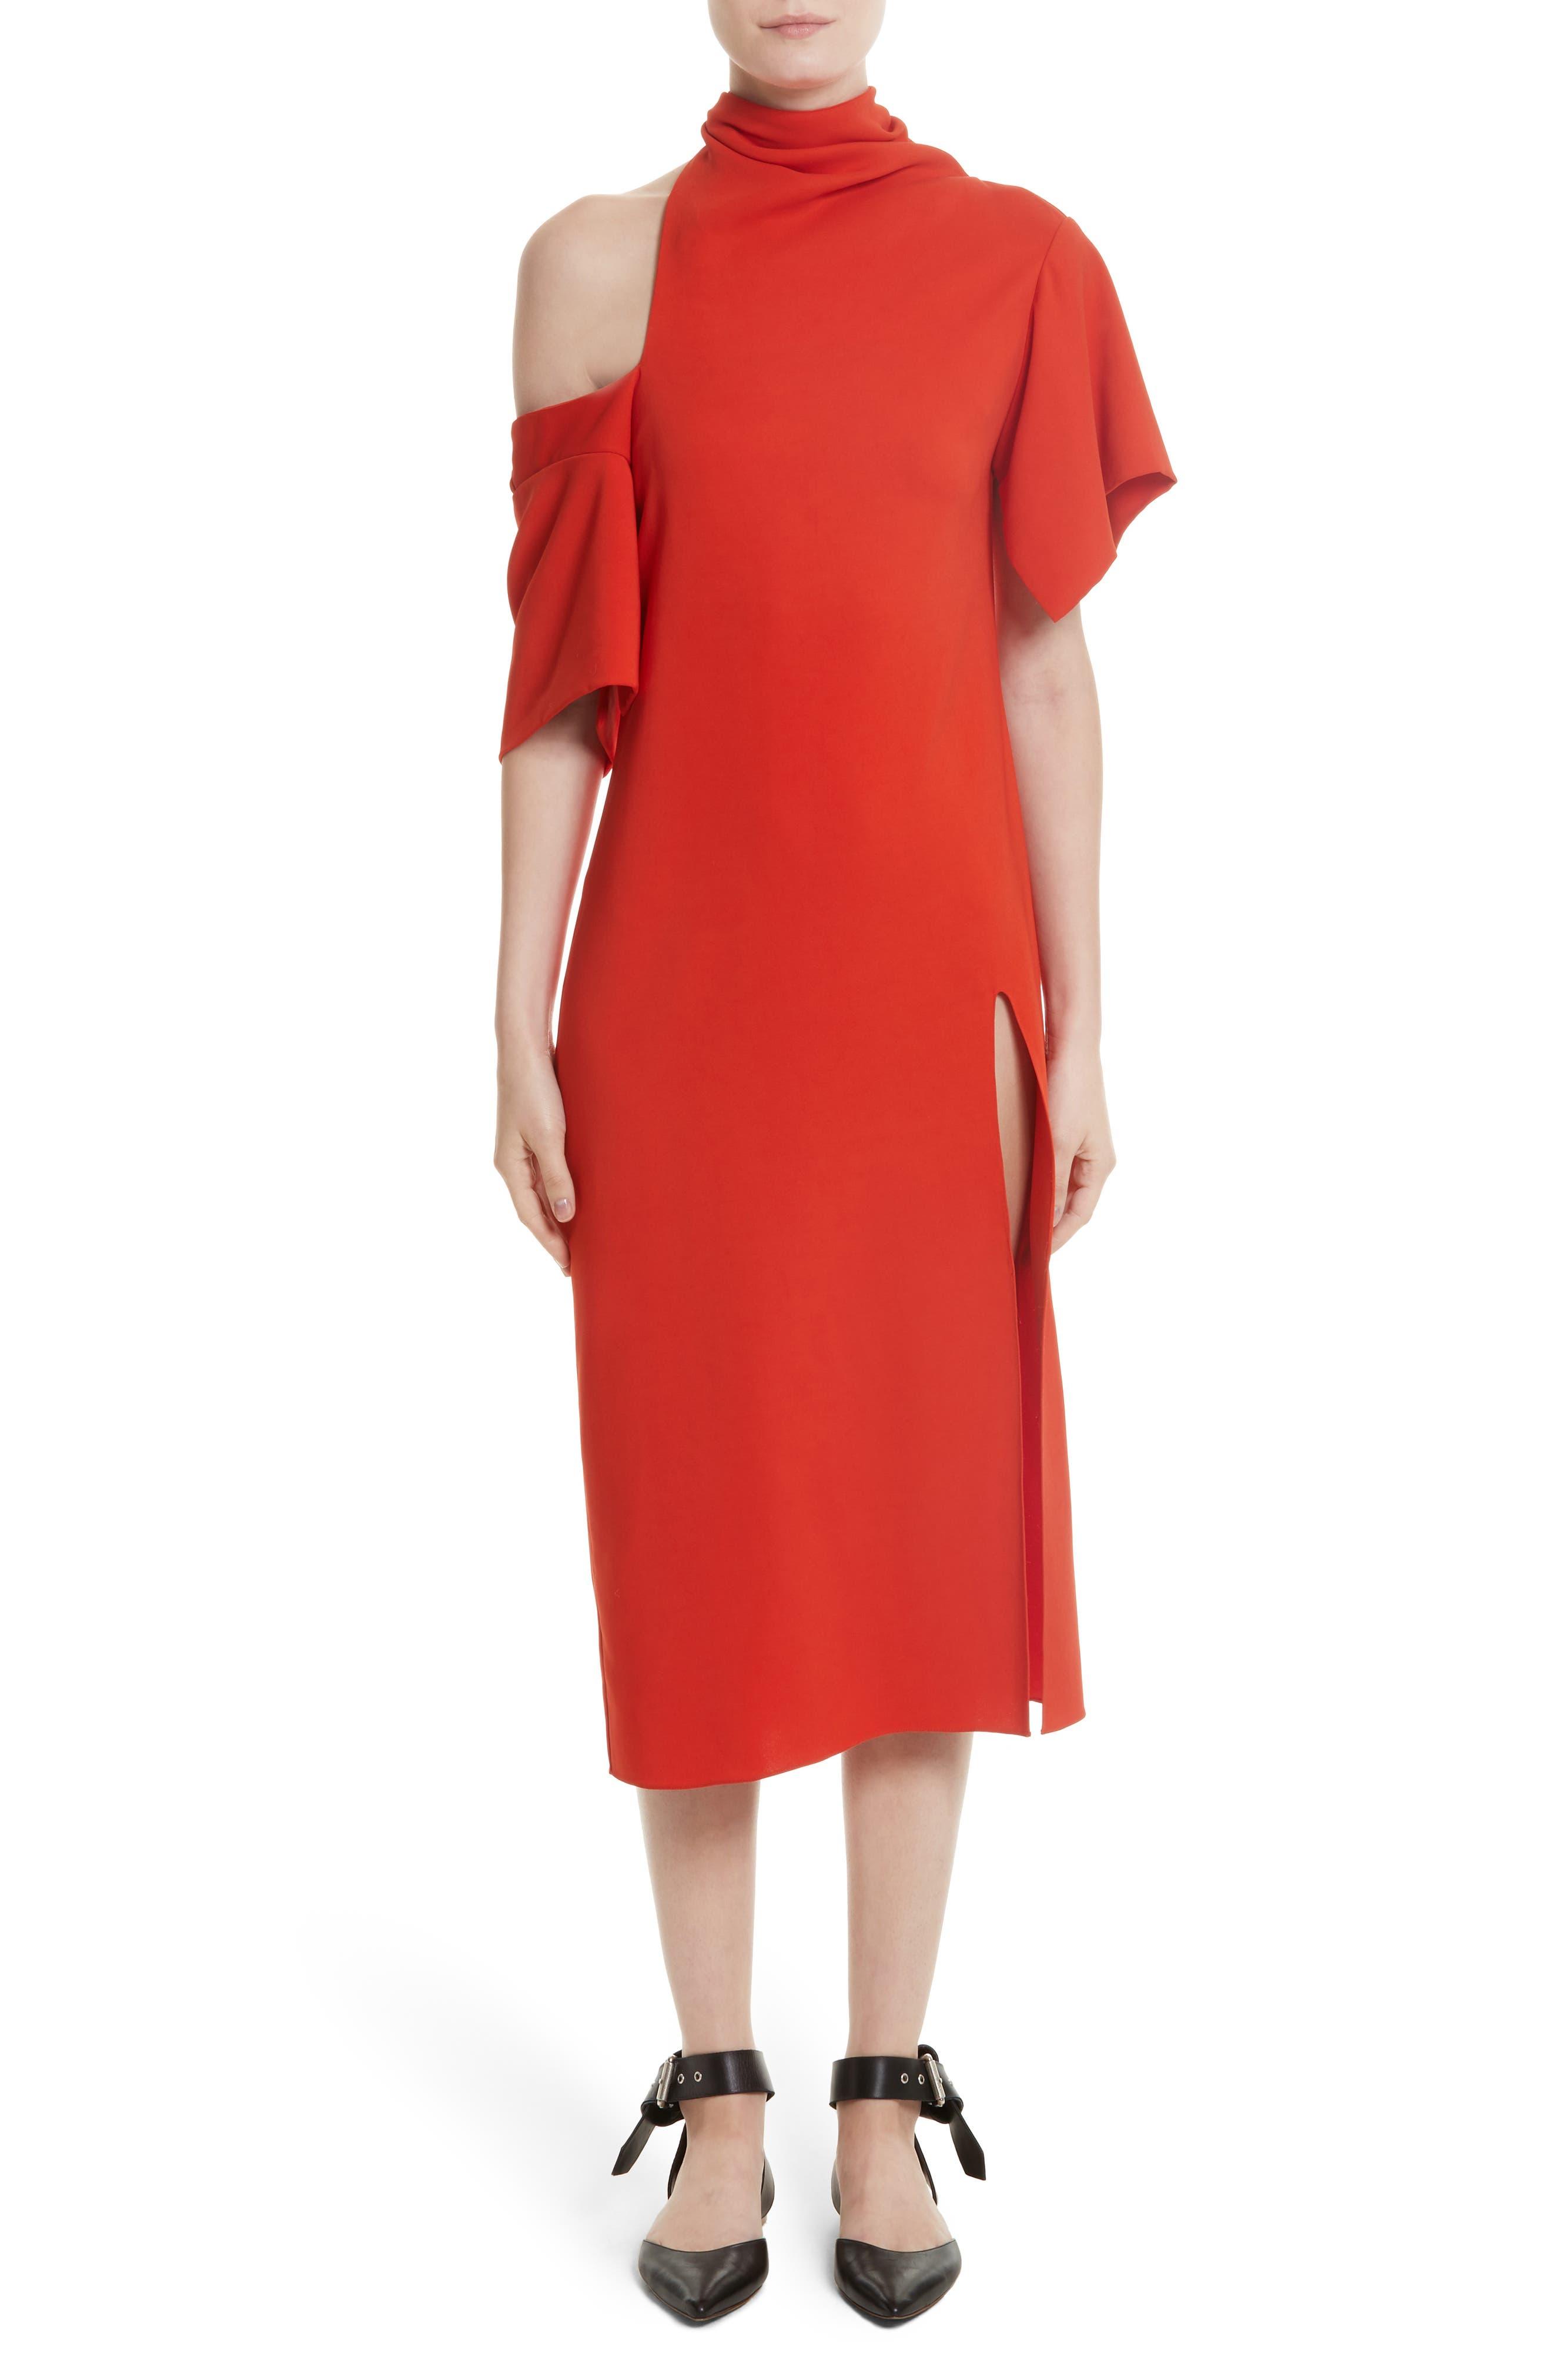 Monse Bow Back Asymmetrical Dress